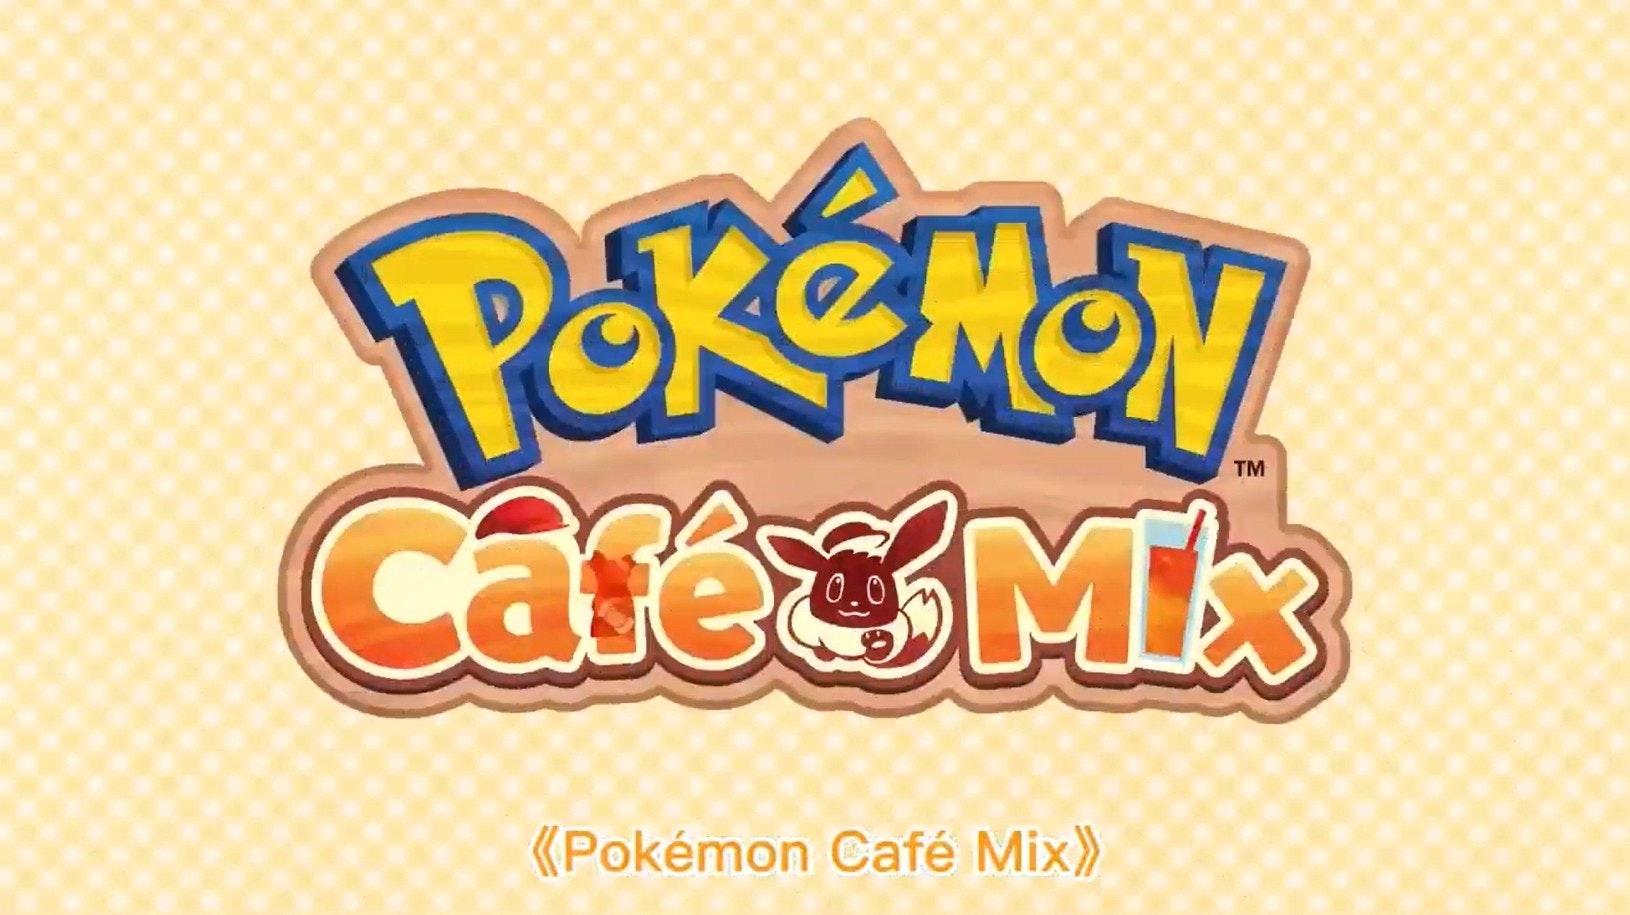 照片中提到了TM、CafeMix、(Pokémon Café Mix),跟任天堂有關,包含了寵物小精靈首頁ios、神奇寶貝Ultra Sun和Ultra Moon、神奇寶貝睡眠、神奇寶貝公司、的iOS